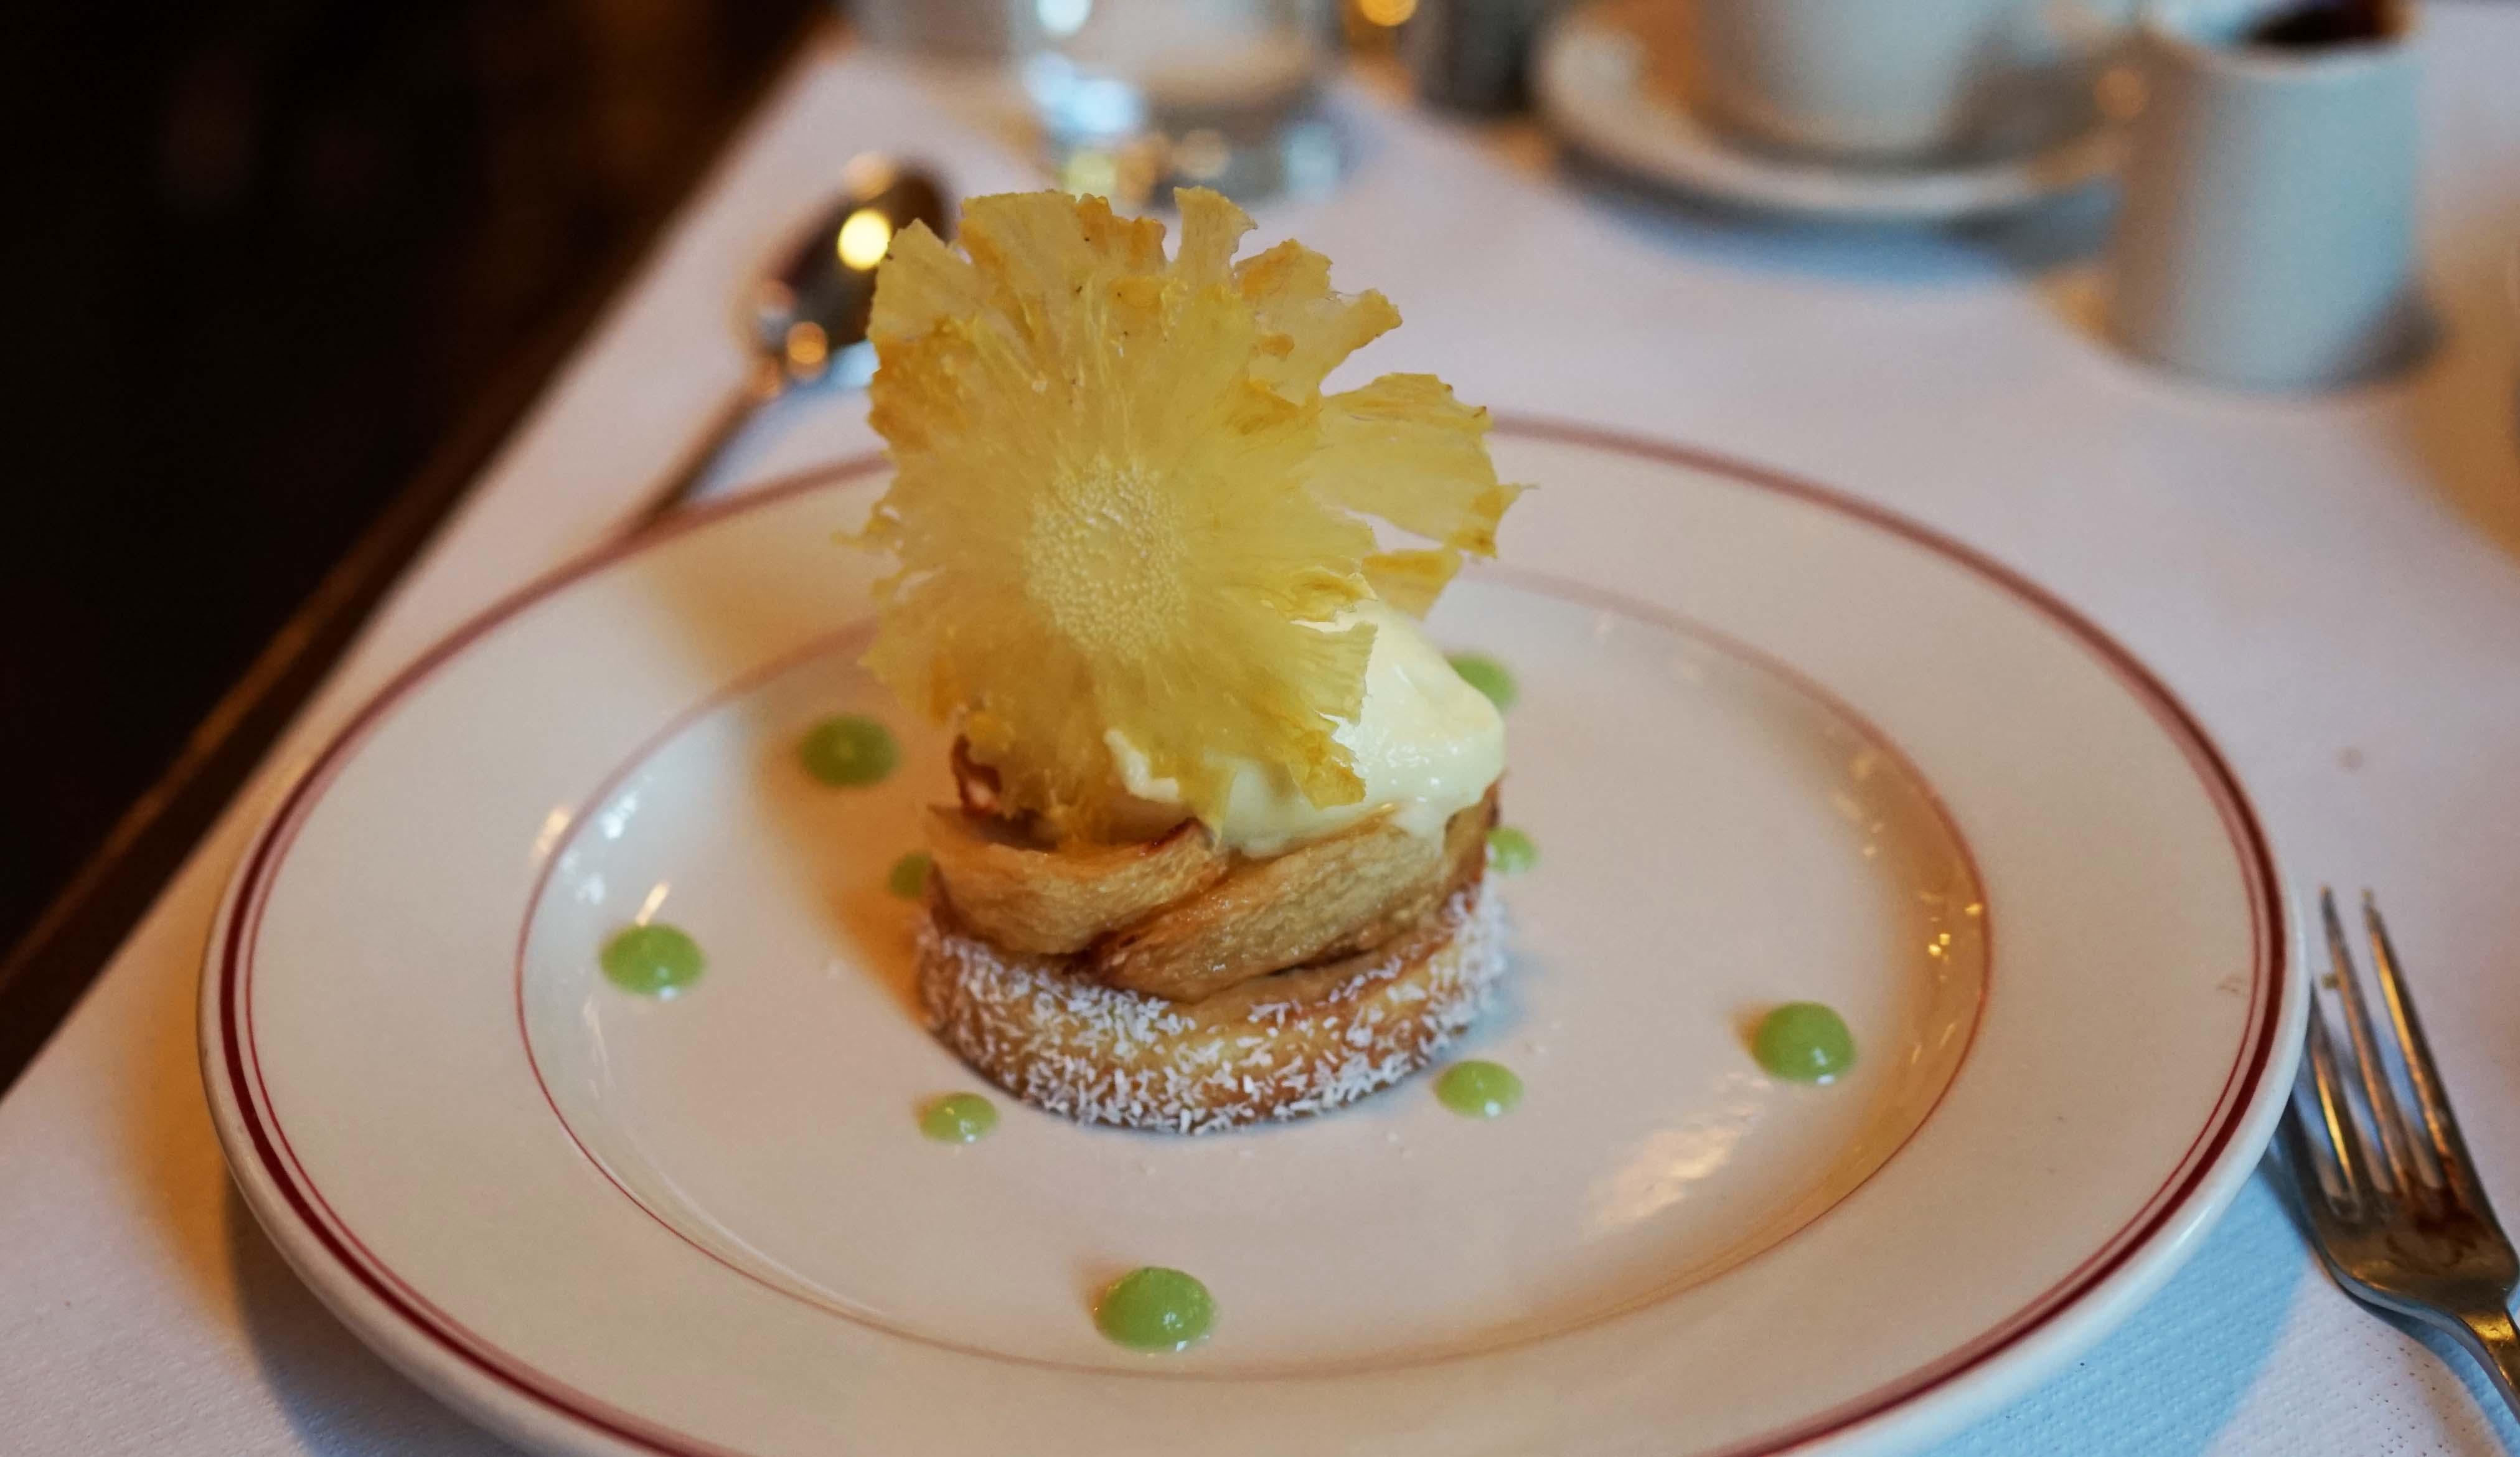 Le Diplomate pineapple dessert